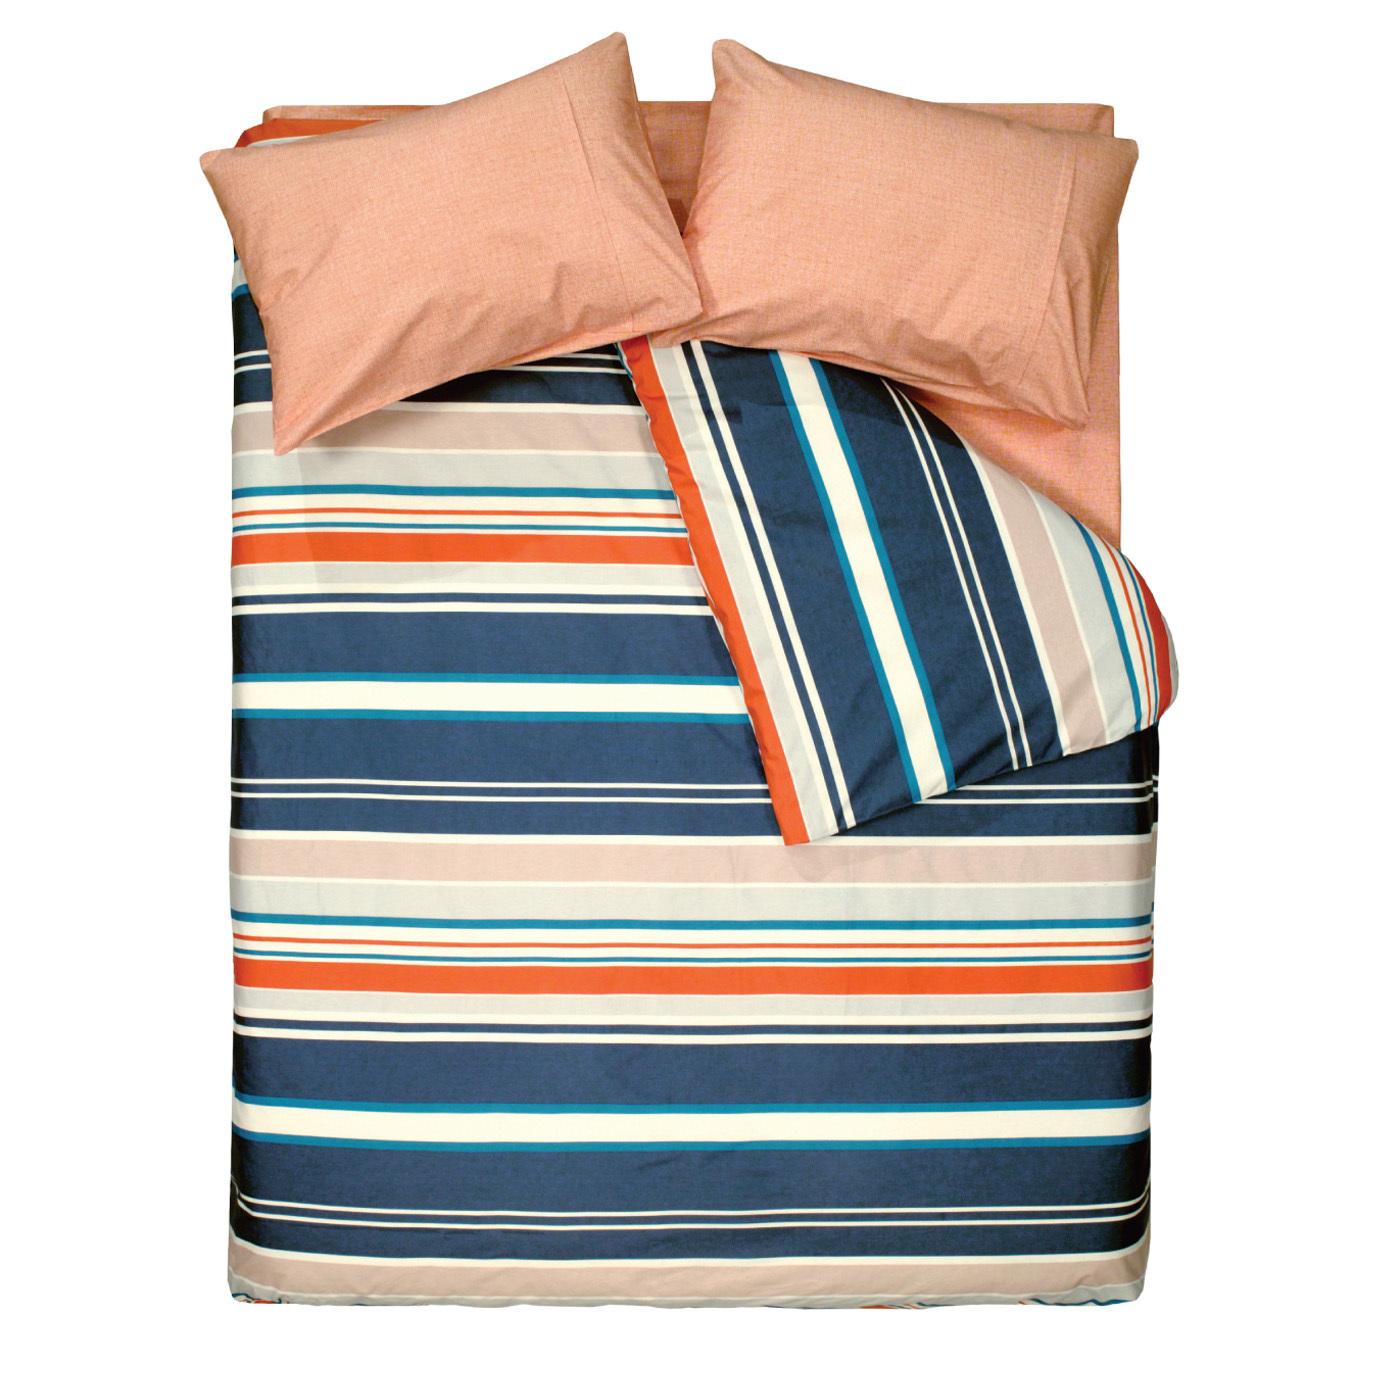 Купить Комплект постельного белья Line Orange Family, inmyroom, Турция